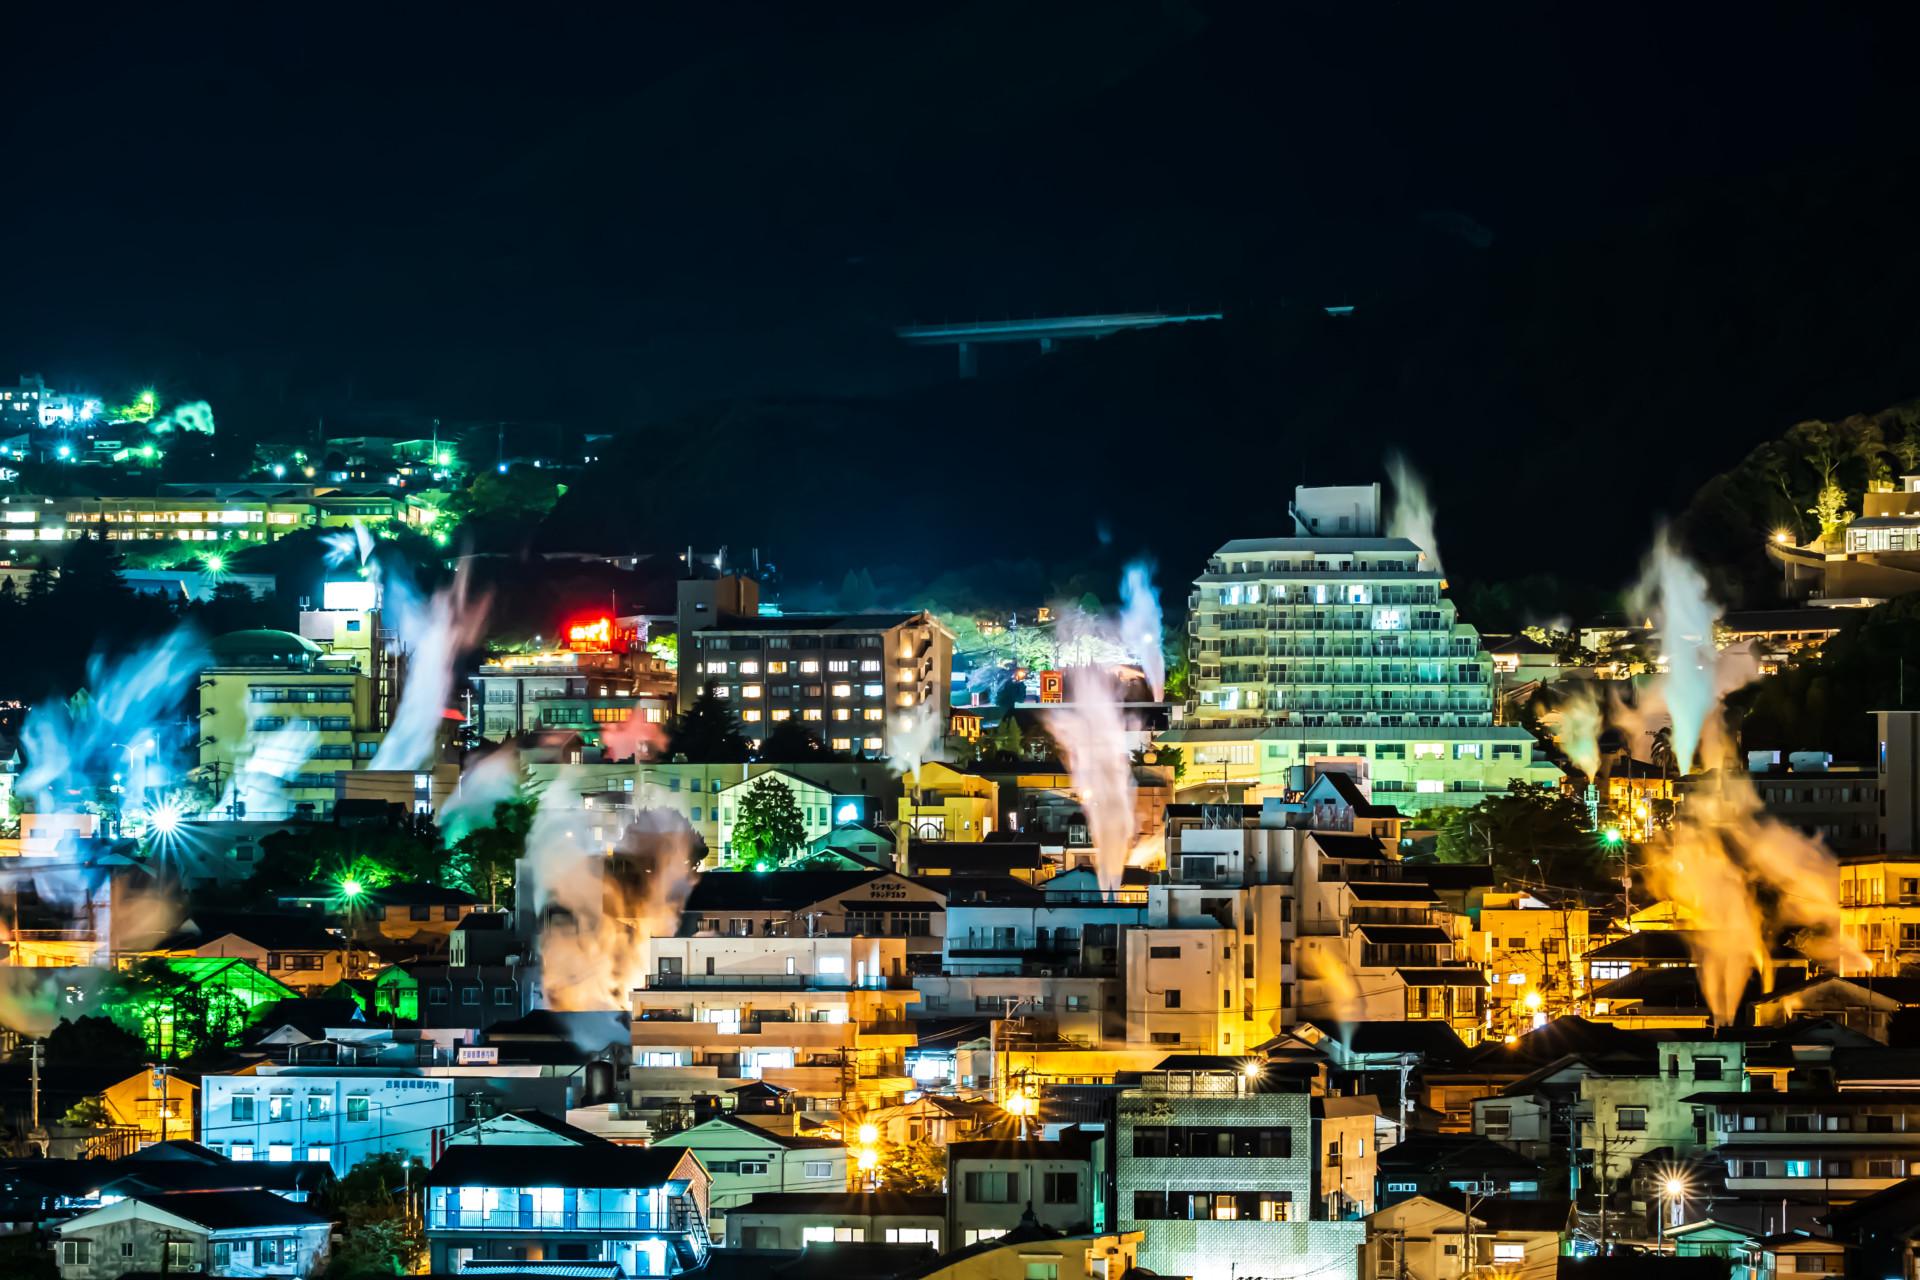 住み慣れた横浜を離れて別府へ。旅行を経て繋がった縁が紡いだ移住生活。